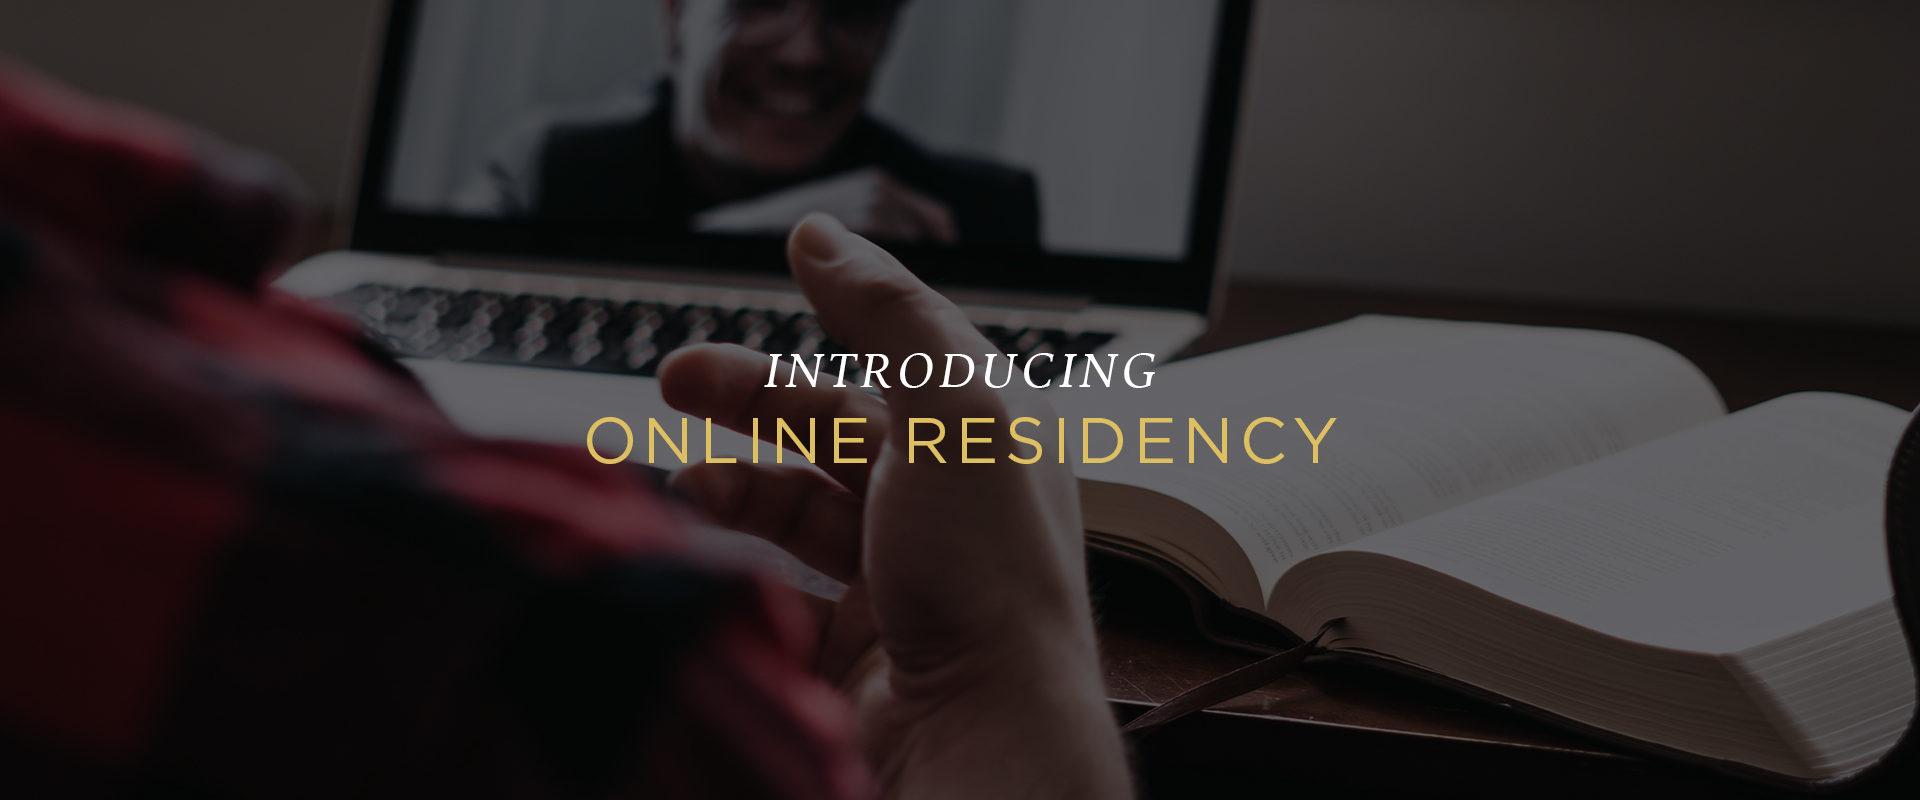 Introducing Online Residency